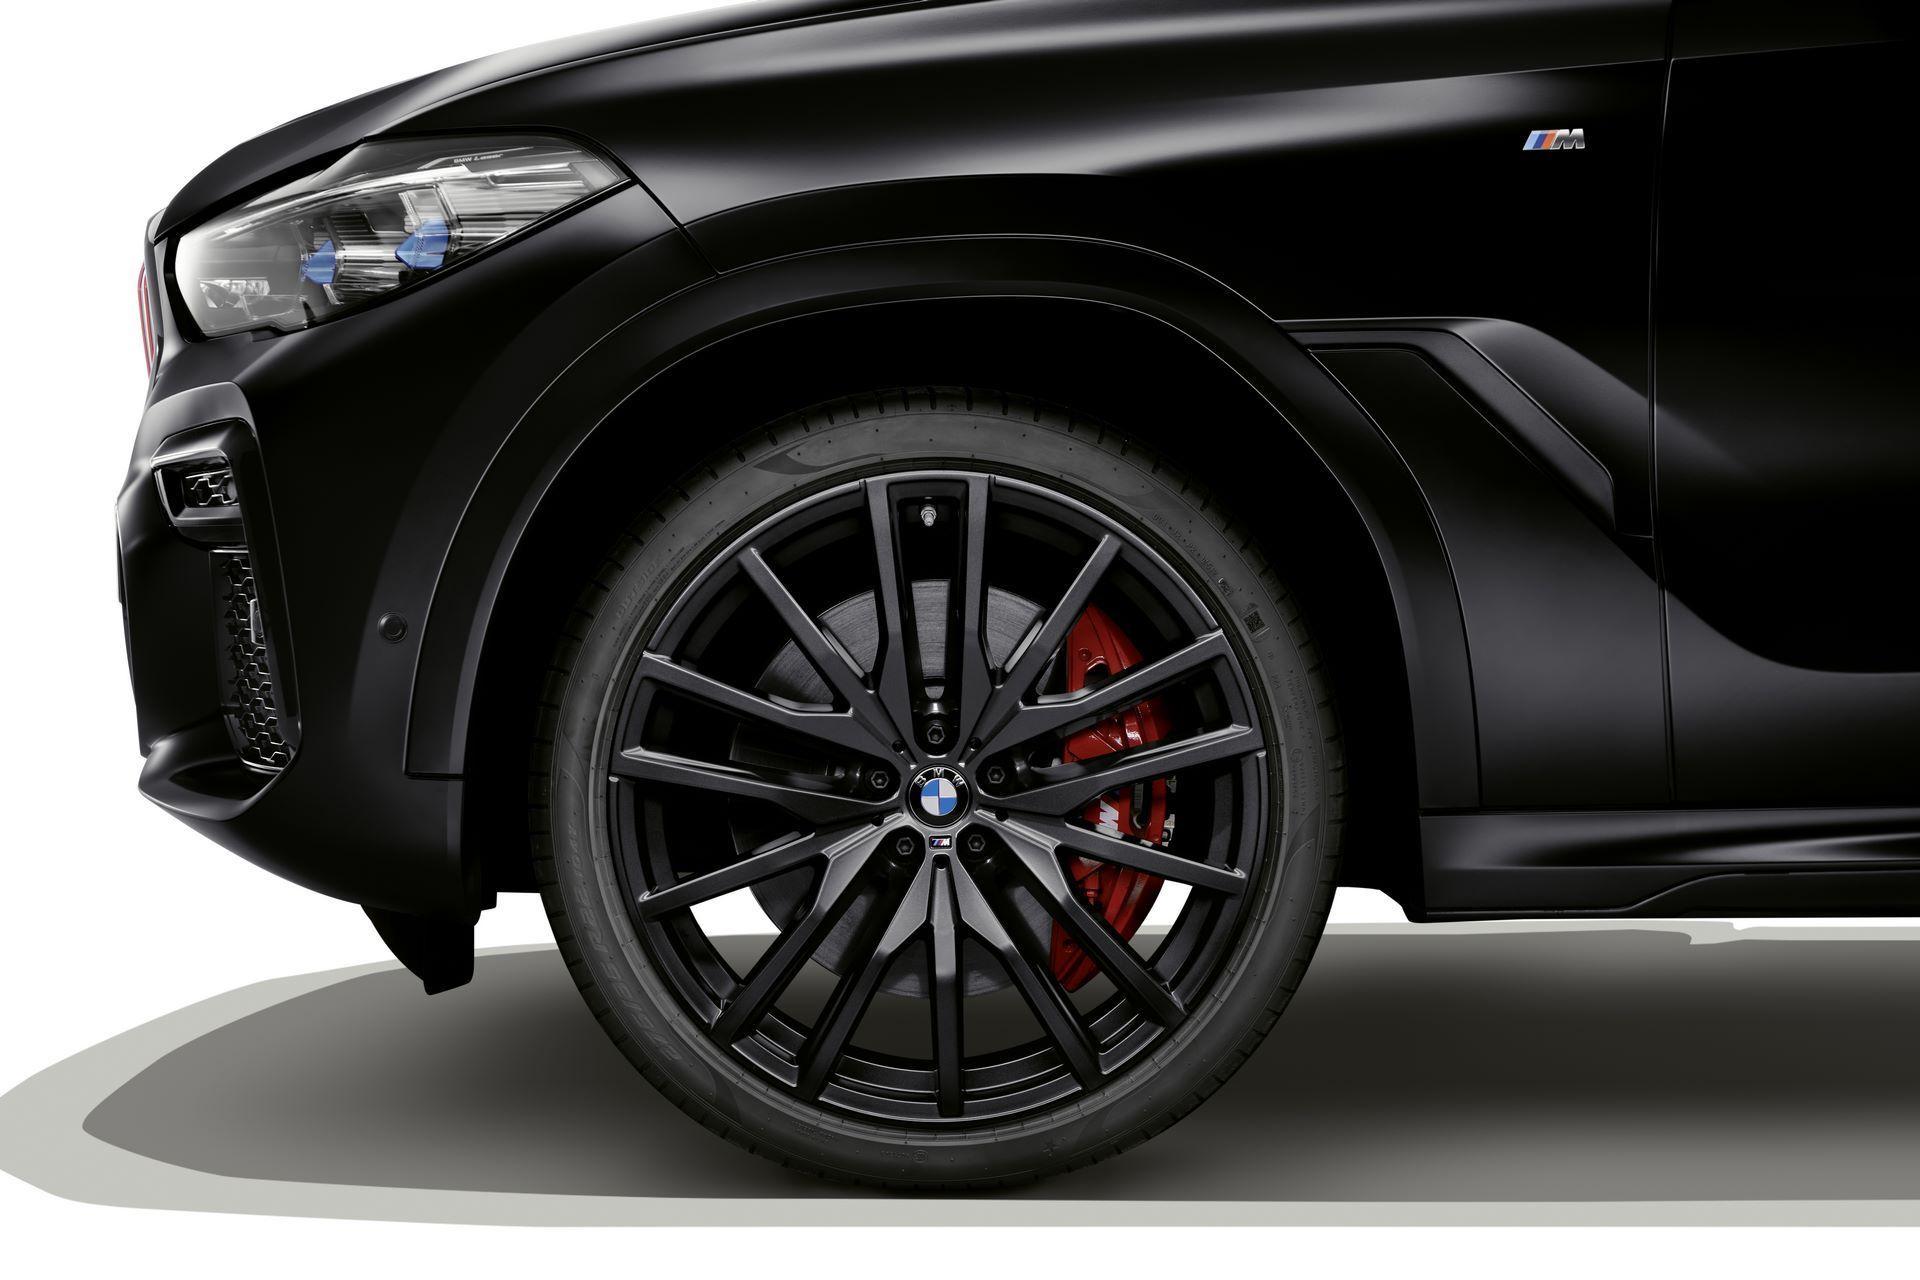 BMW-X5-Χ6-Black-Vermilion-X7-Limited-Edition-41